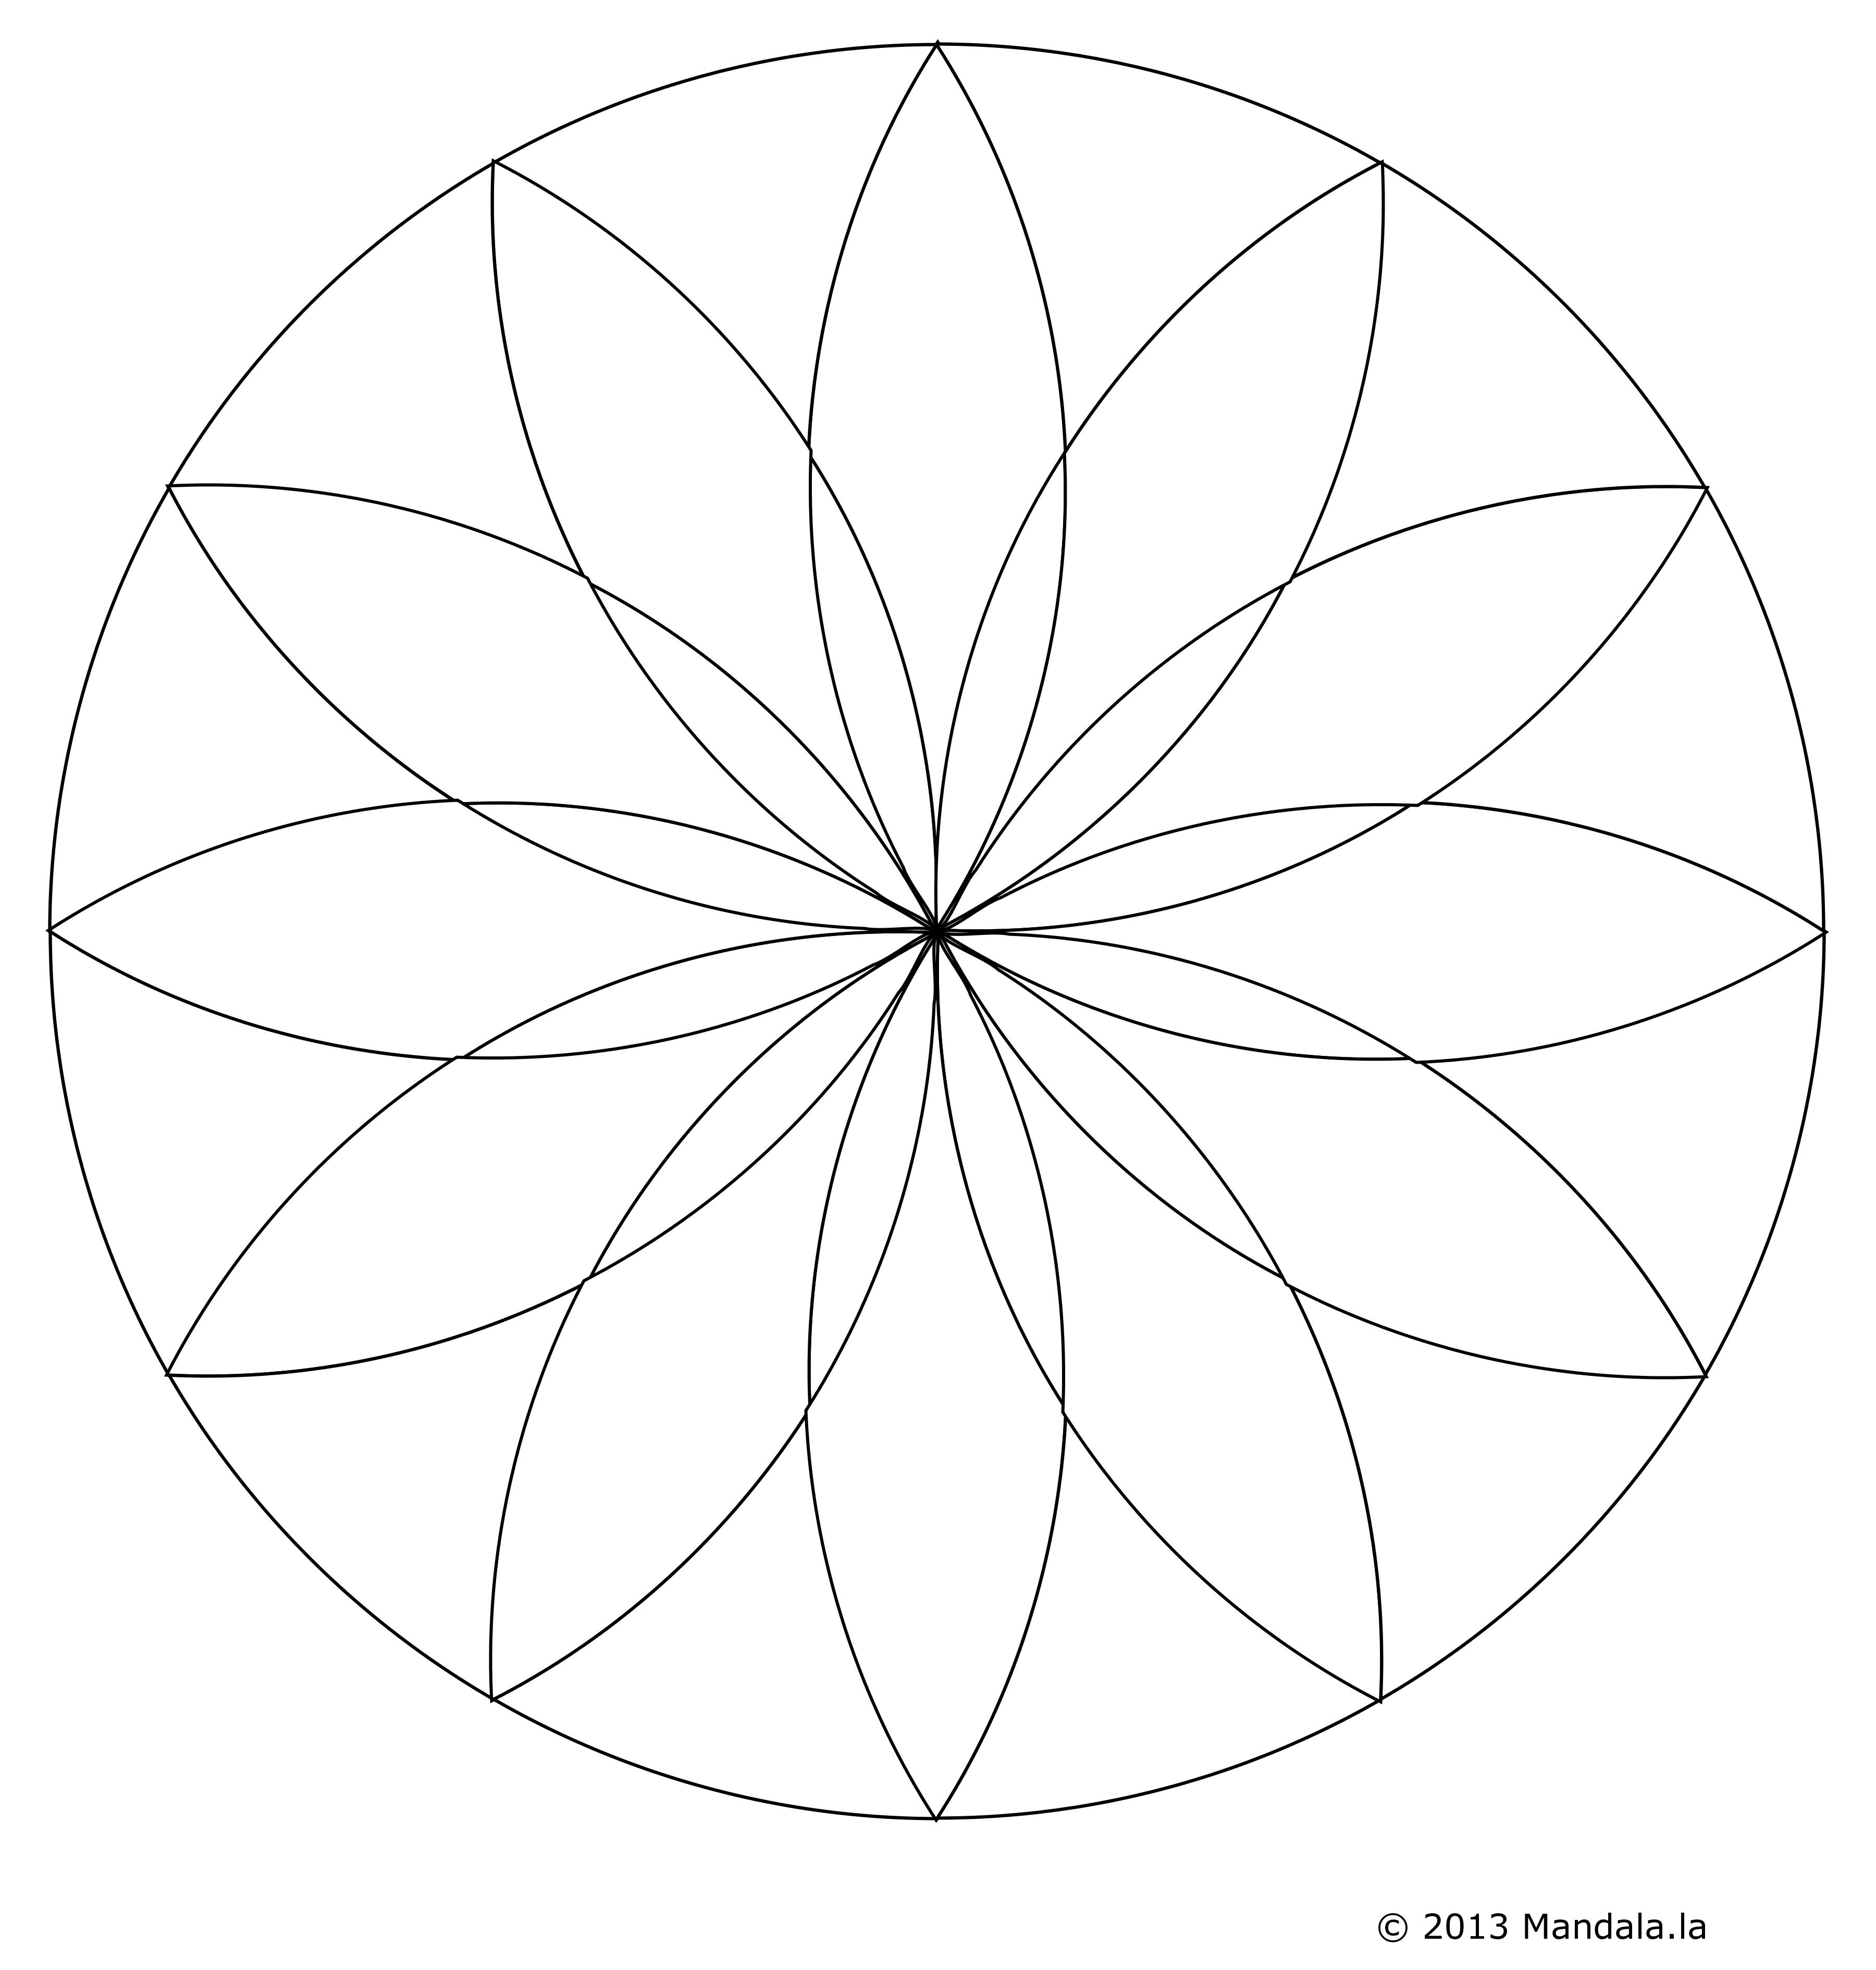 Rosace Png 9 » Png Image destiné Image De Rosace